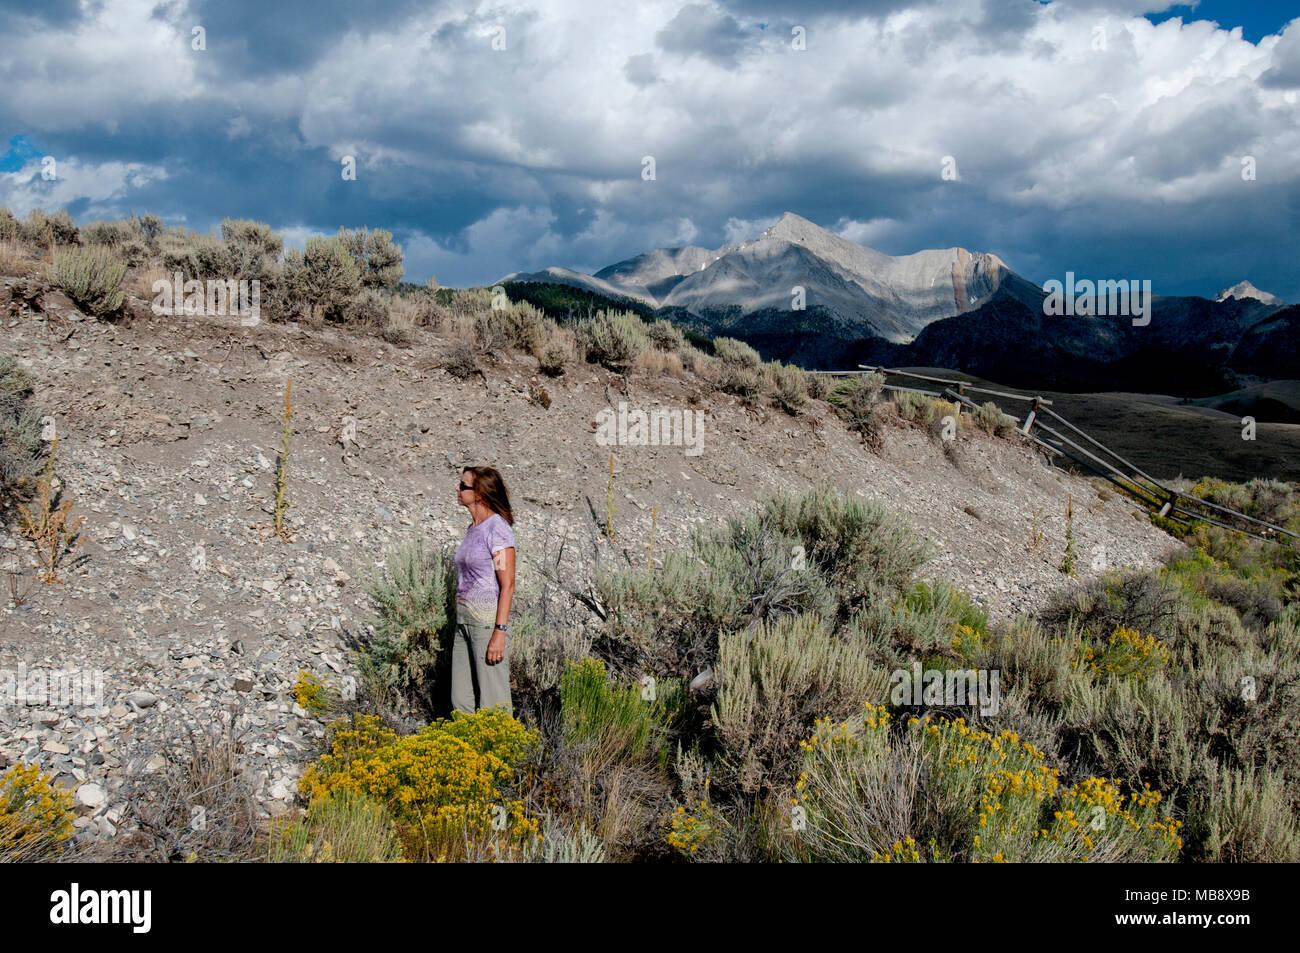 Mount Borah 21-mile de long escarpement séisme avec Mount Borah en arrière-plan (MR) Photo Stock